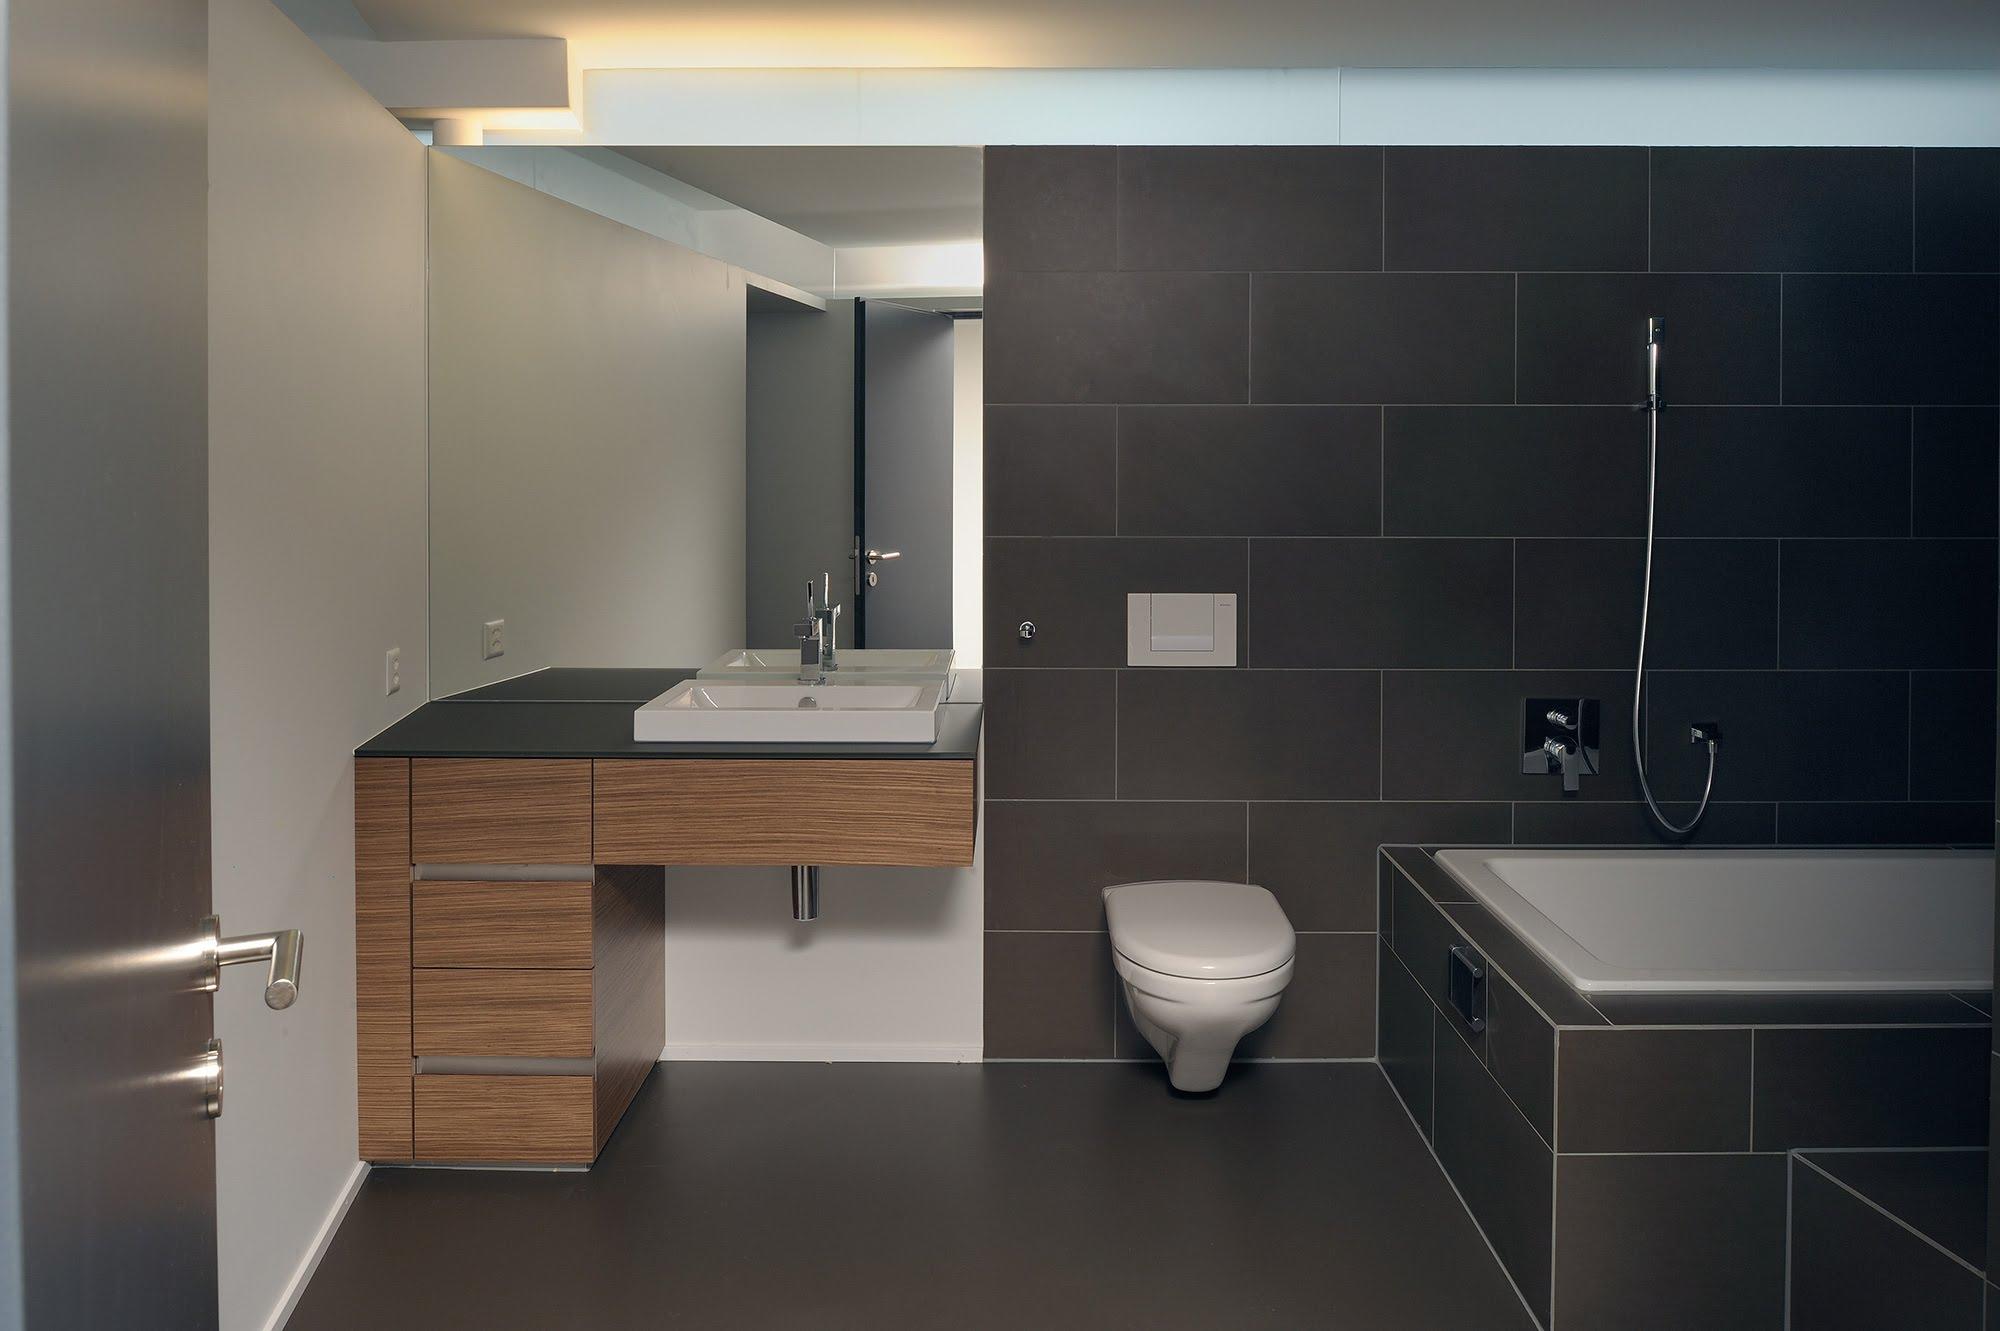 Badmöbel mit Glasabdeckung - Bäder & Badumbau-Küchen werden immer mehr zum Ort der Begegnung - Sursee, Willisau, Aargau, Zentralschweiz, Luzern, Zofingen